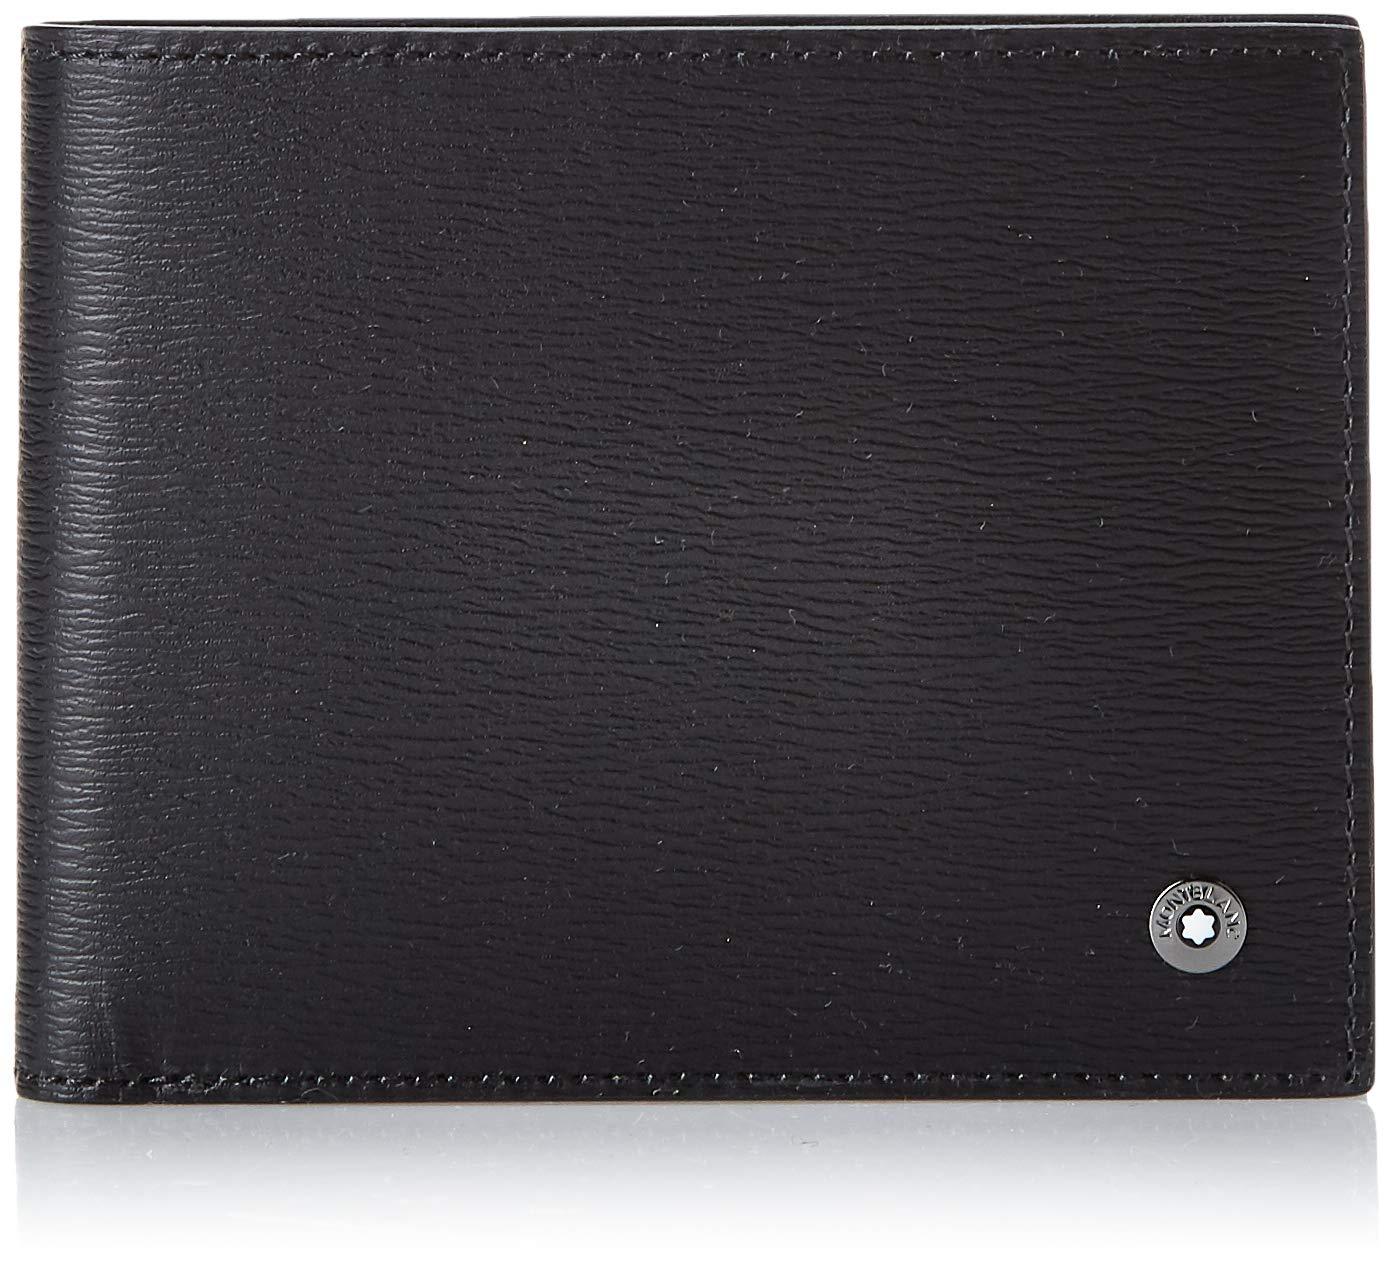 Montblanc 4810 Westside Men's Wallet